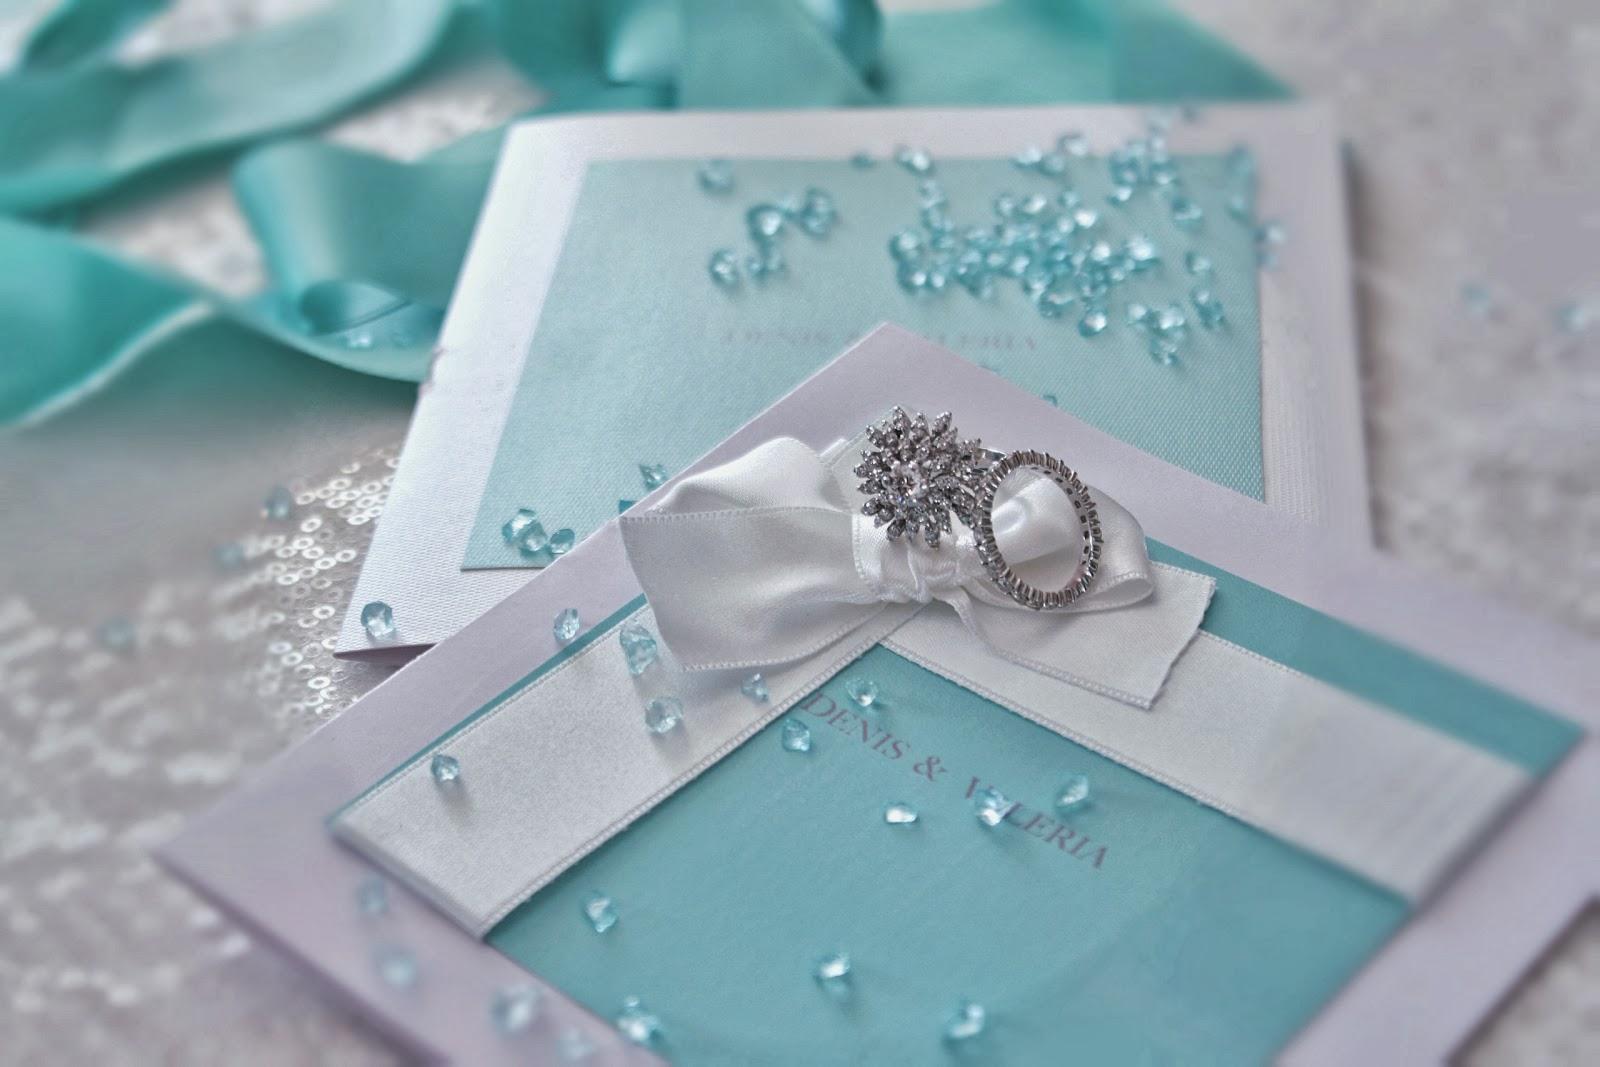 Partecipazioni Matrimonio Color Tiffany.Lia Partecipazioni Co Matrimonio Tiffany Tiffany Blue Wedding